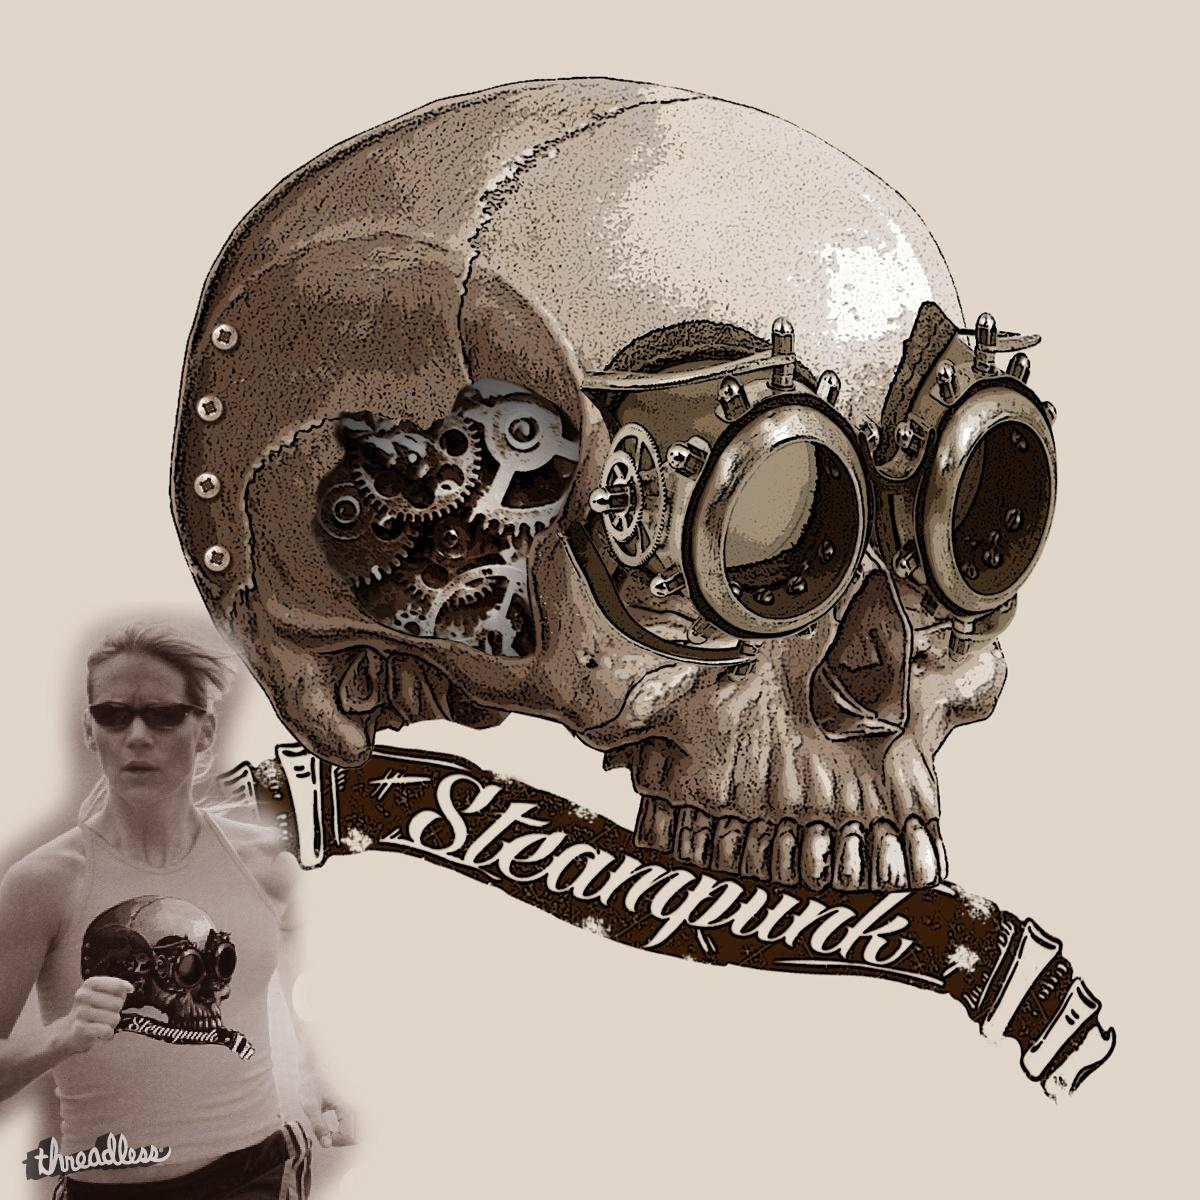 Steampunk Skull by Stenio on Threadless